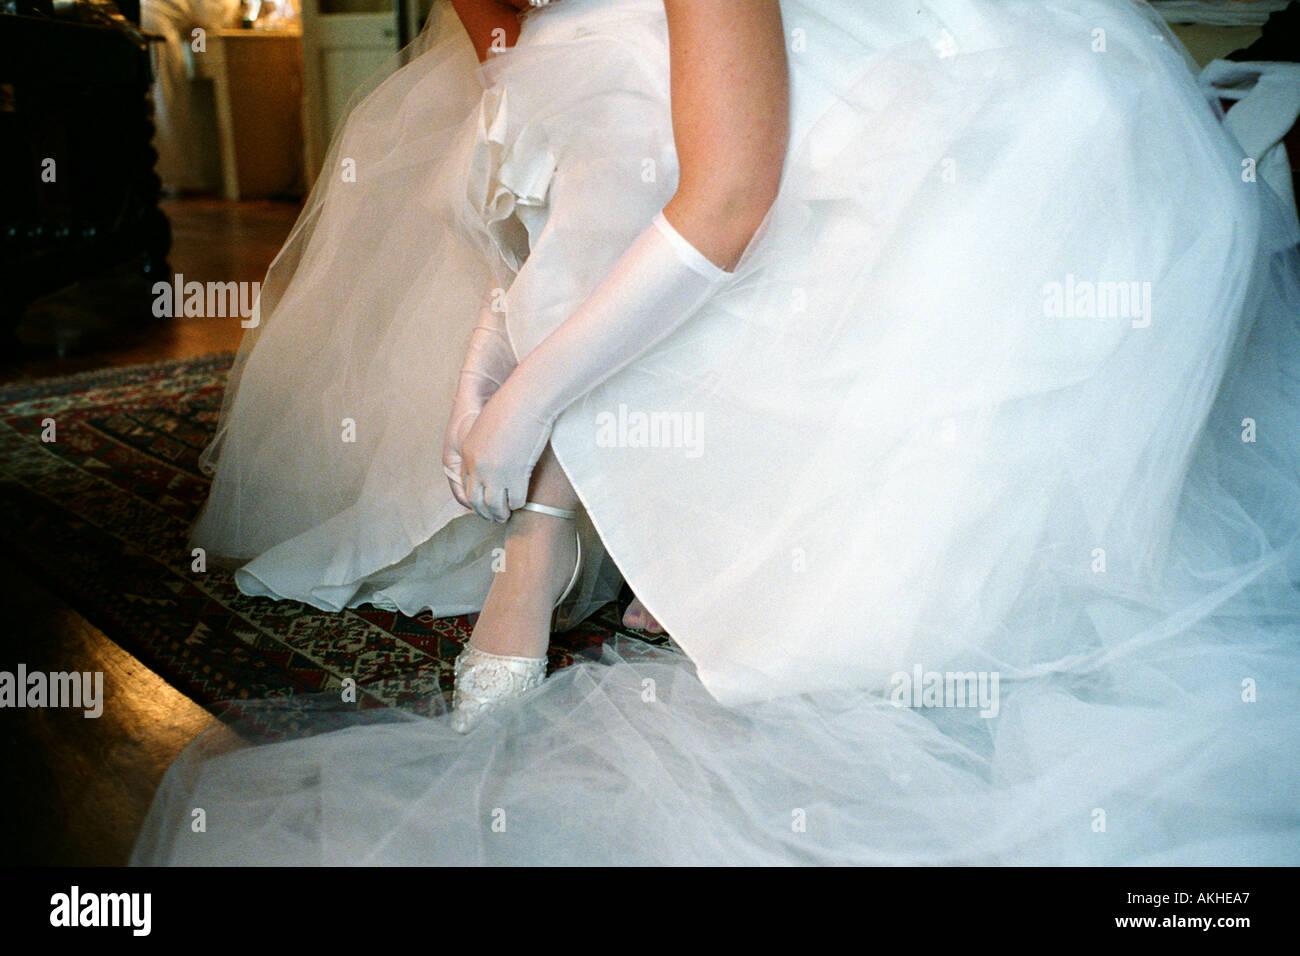 Braut sitzt auf einem Stuhl trägt Hochzeitskleid und ihre Schuhe mit ...